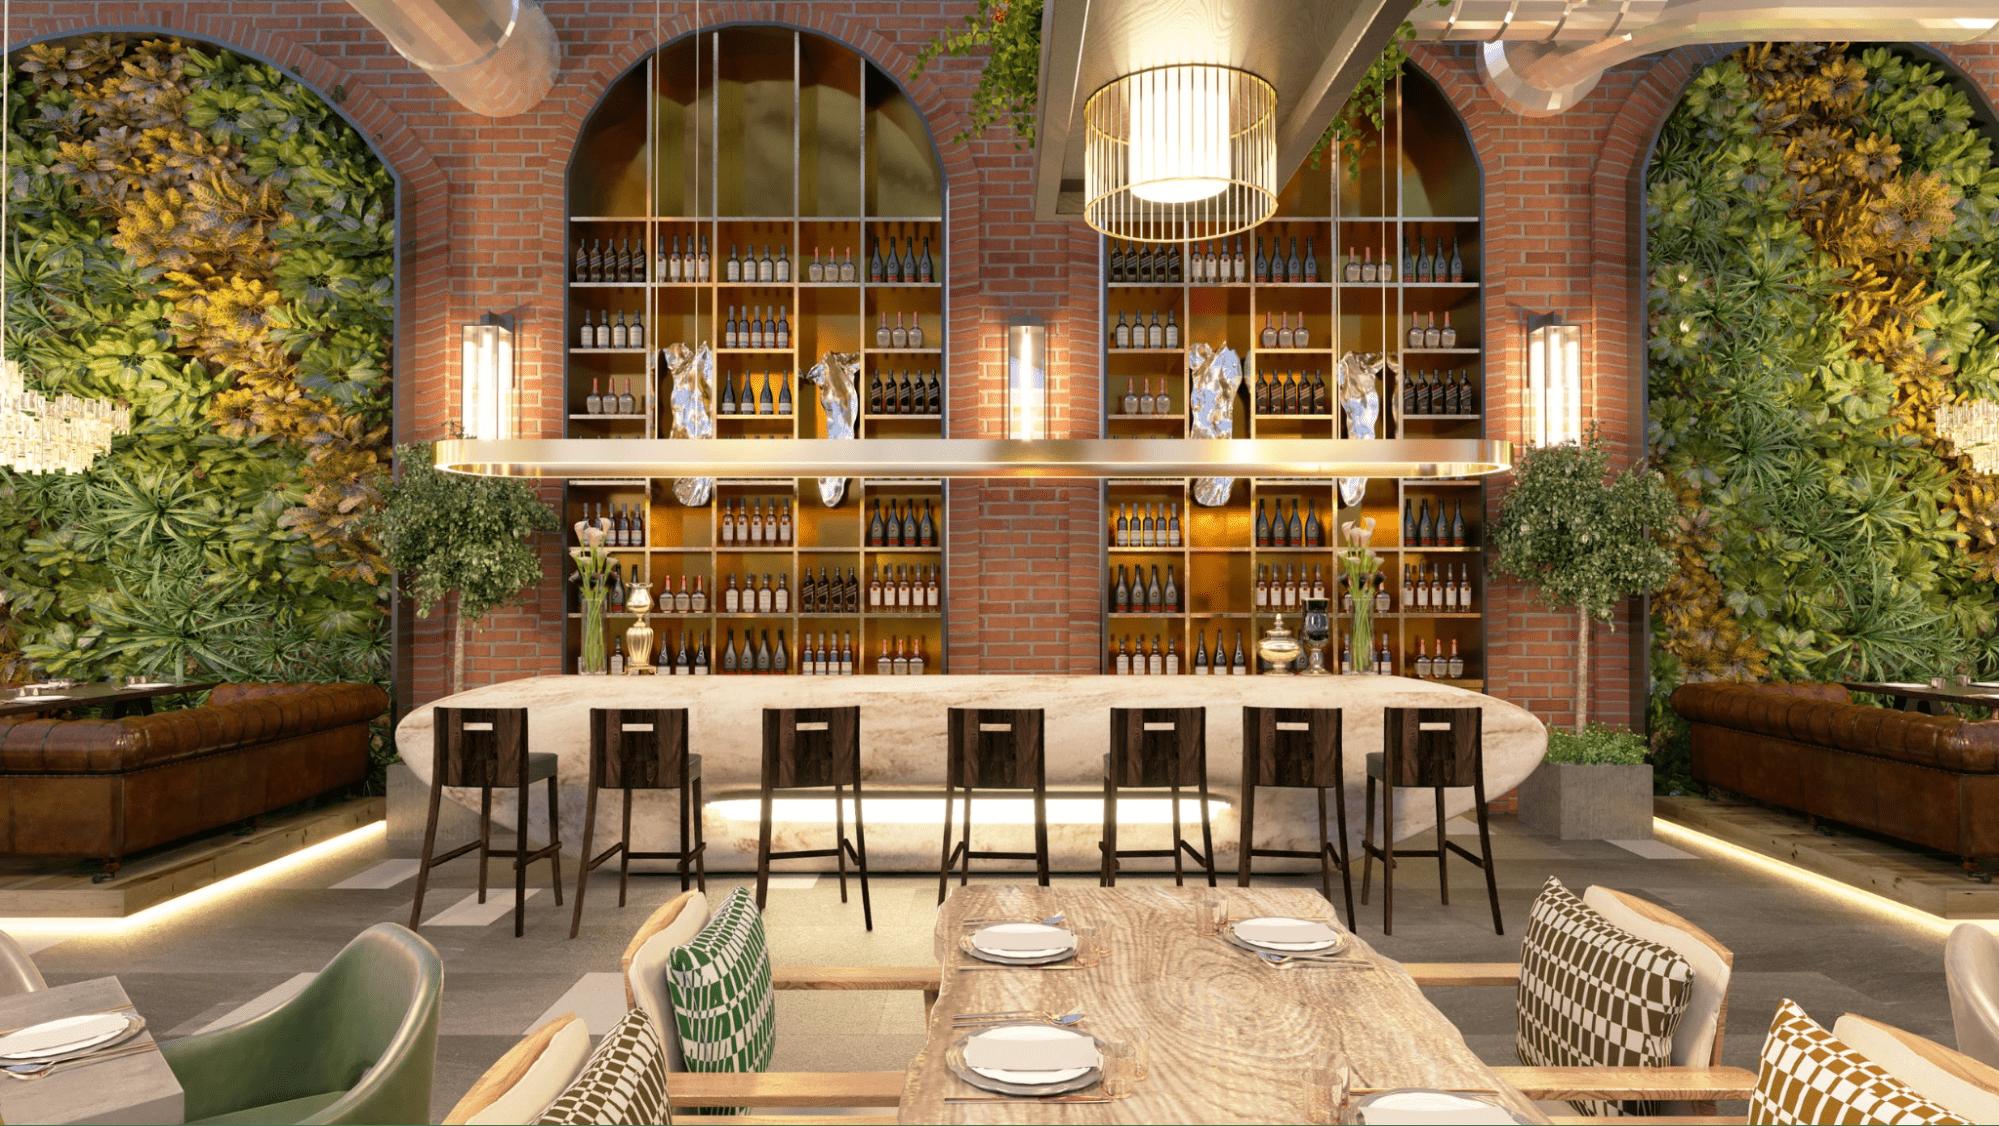 Open space restaurant floor plan